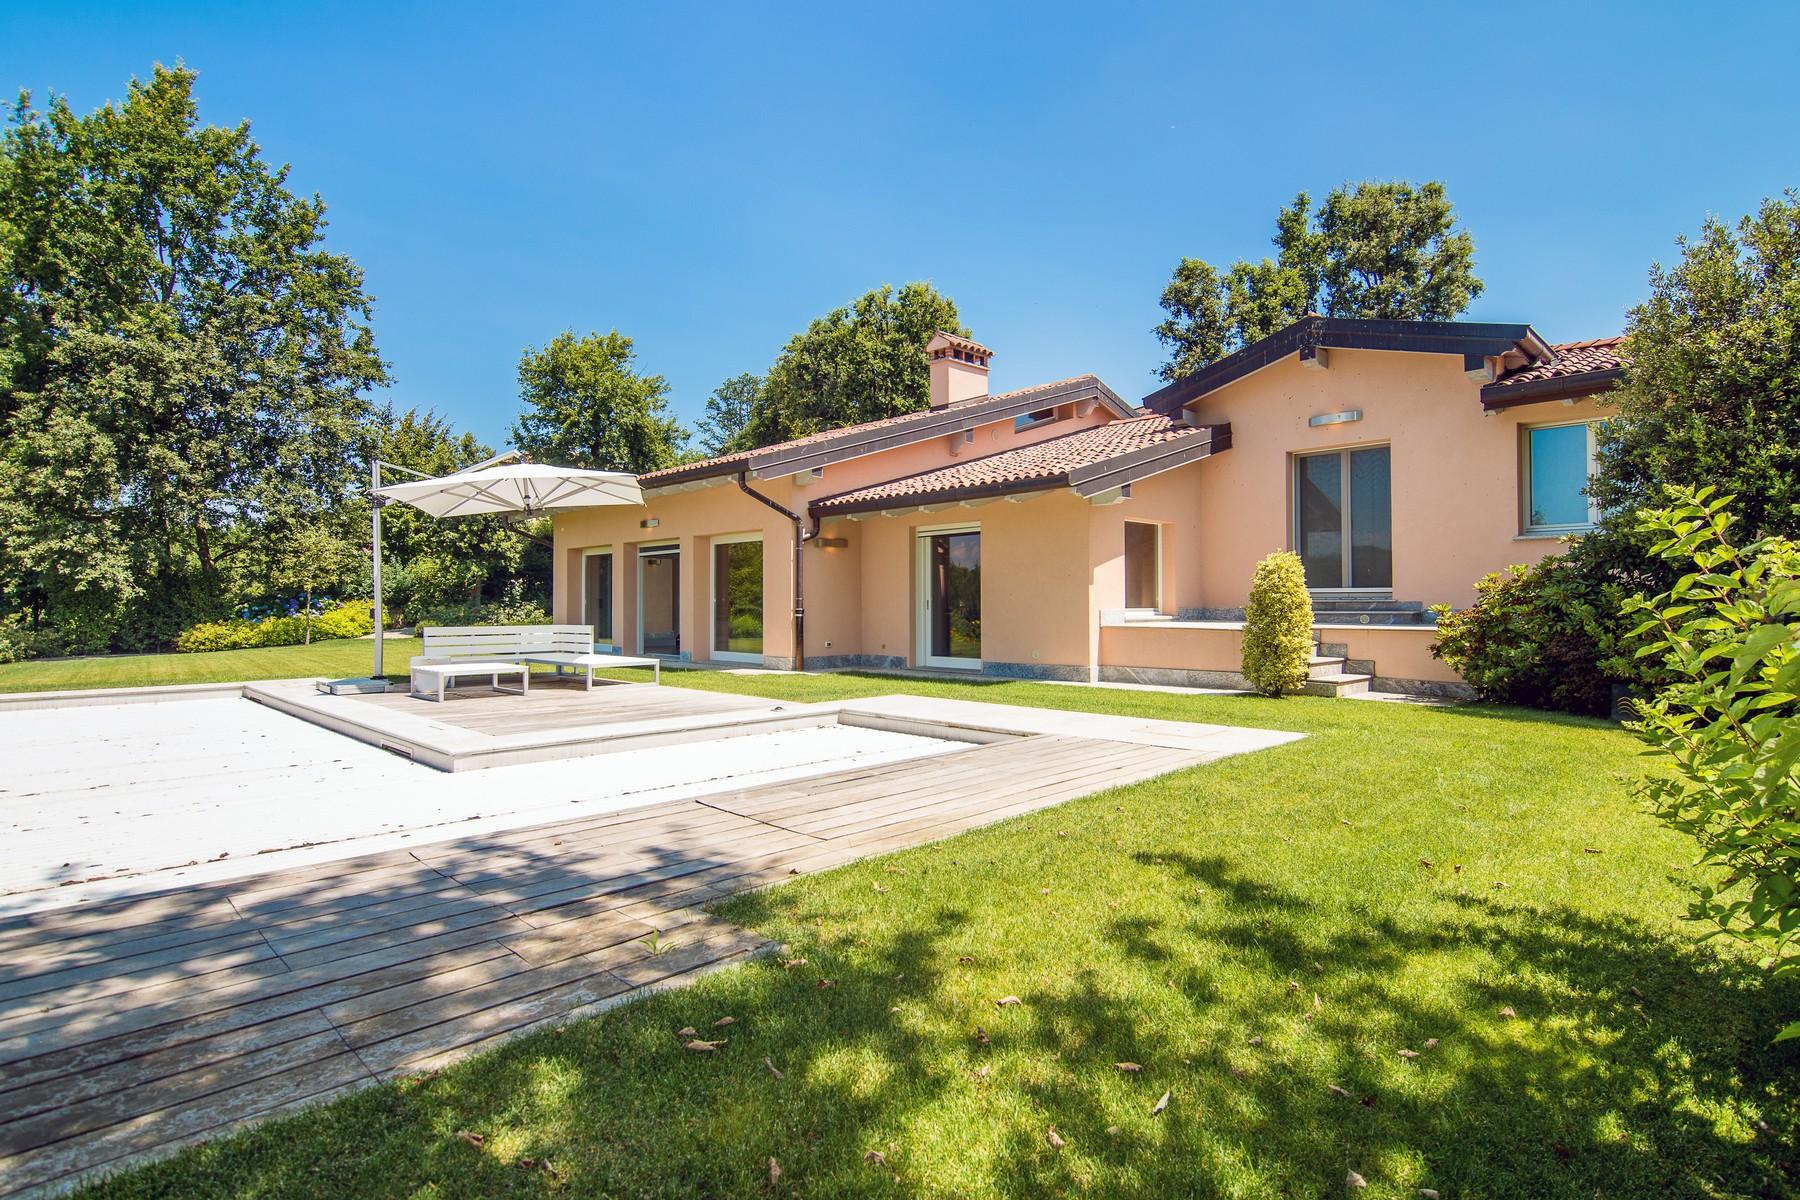 Villa in Vendita a Bogogno: 5 locali, 350 mq - Foto 3